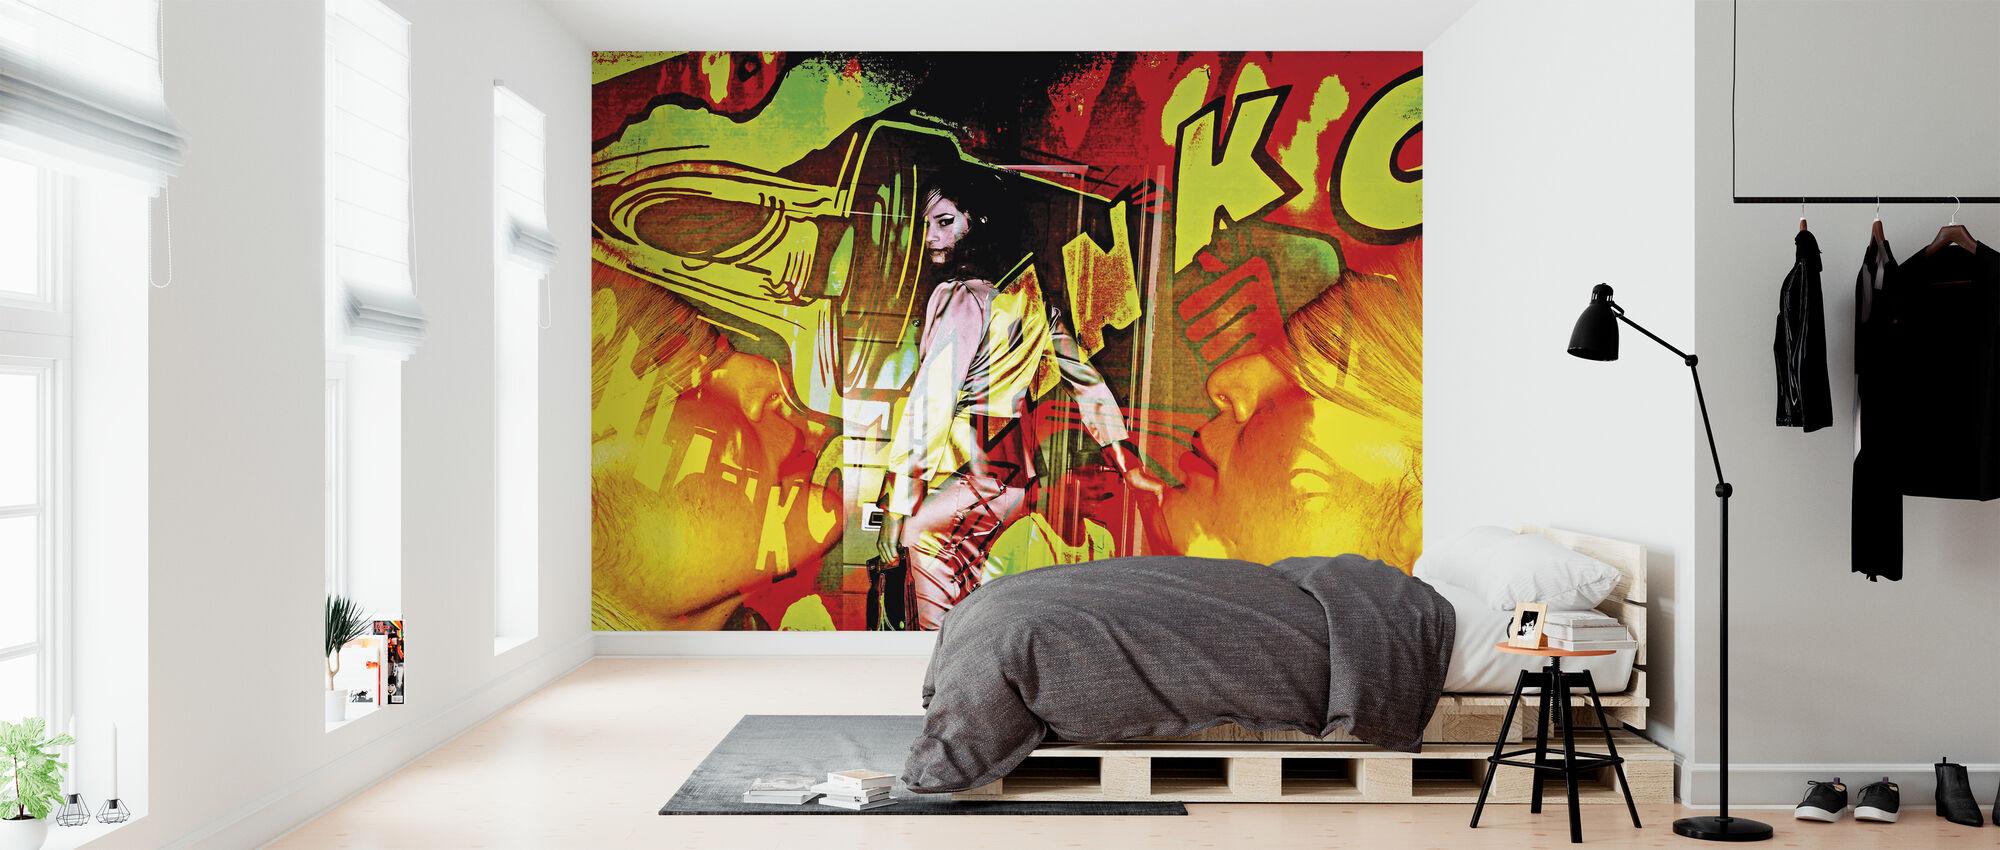 Graffitti Wall - Wallpaper - Bedroom